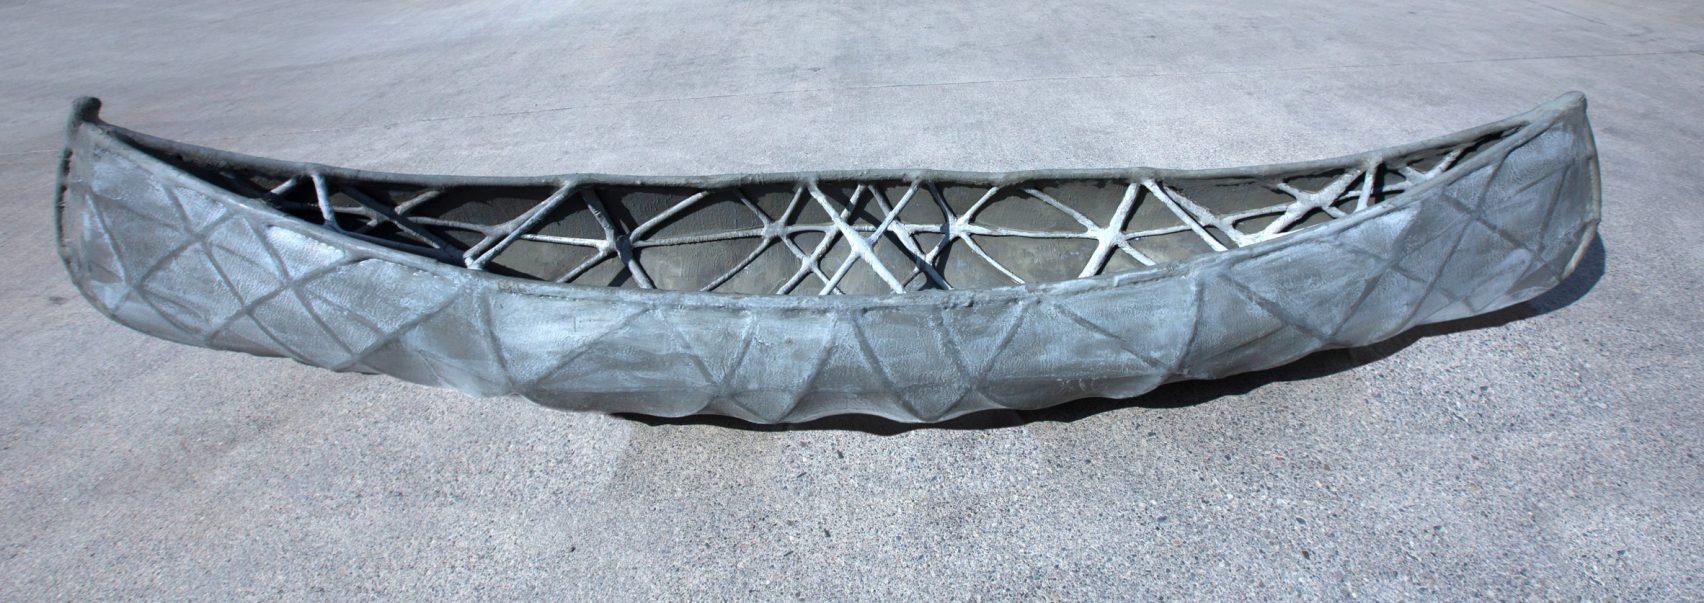 Команда из Швейцарской высшей технической школы Цюриха создает каноэ «SkelETHon», полностью выполненное из бетона